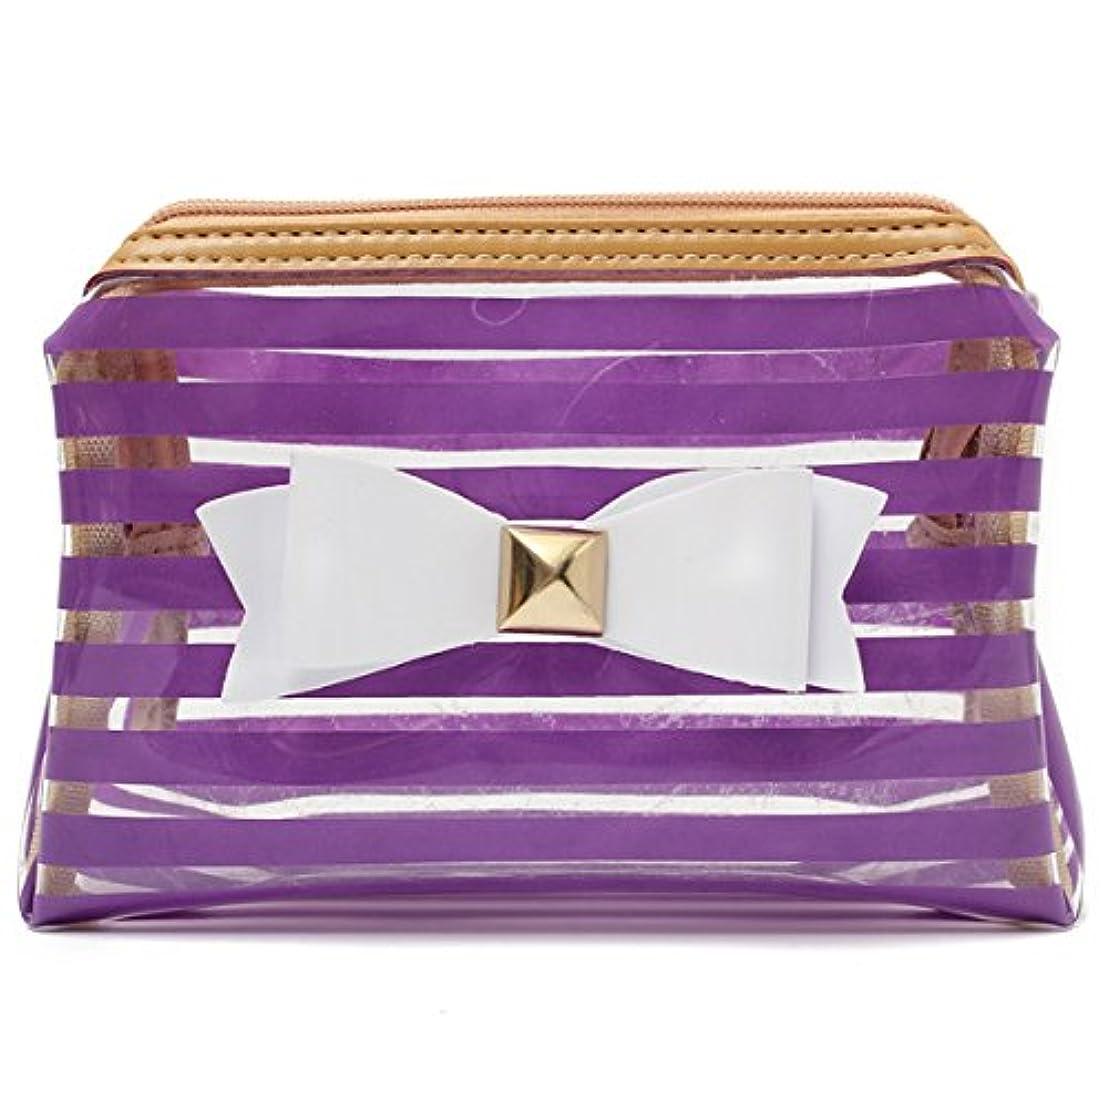 開発する効果ブロックするYZUEYT ストライプ透明な化粧品のバッグ旅行PVCボウタイはオーガナイザーケースを作る YZUEYT (Color : Color Purple Hippo)